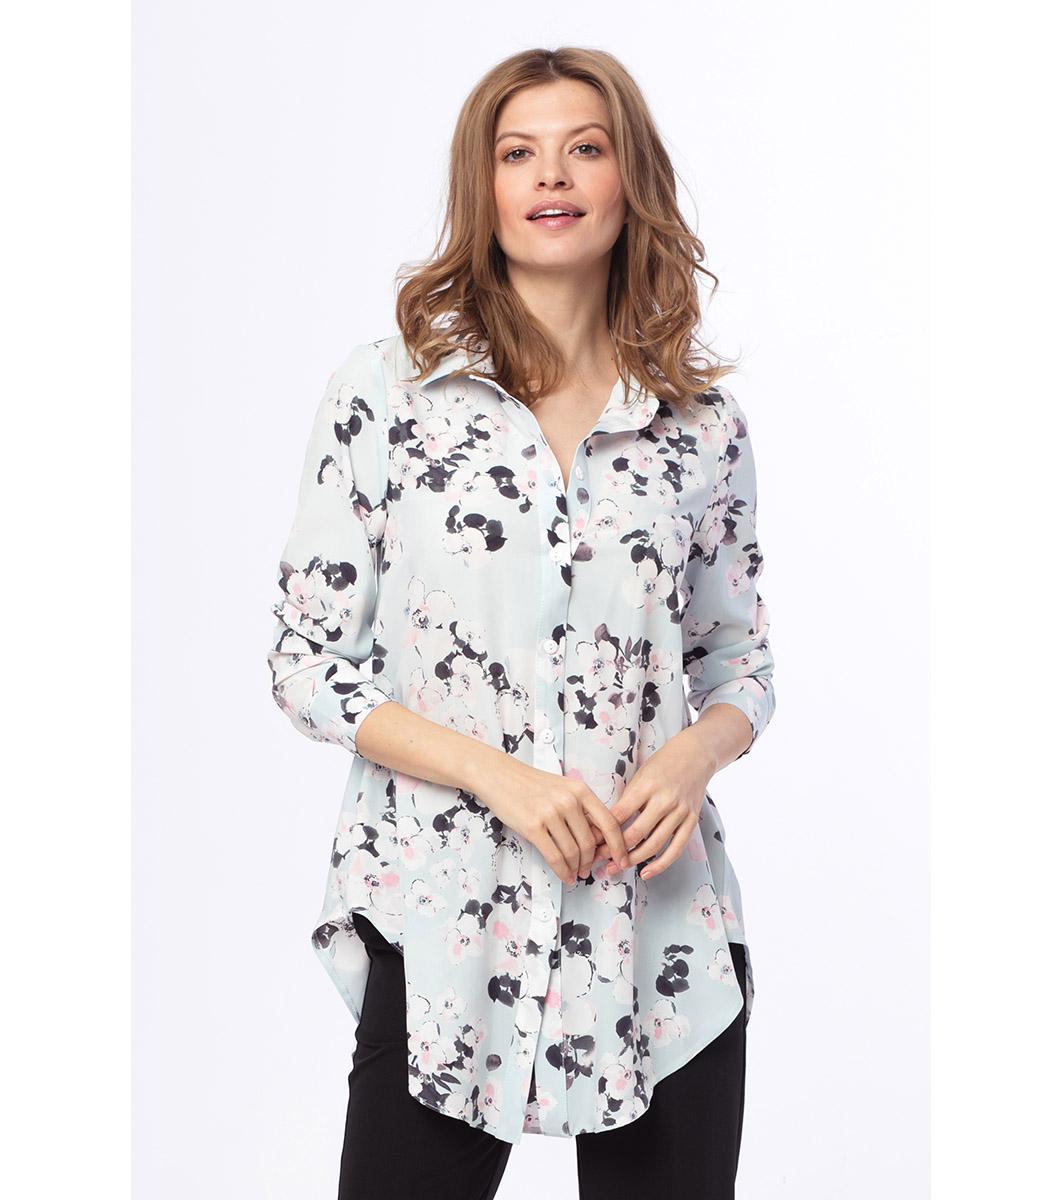 d06ff4f273b Светлосиня дълга дамска риза с принт Reli - 1985013 - Fashion ...